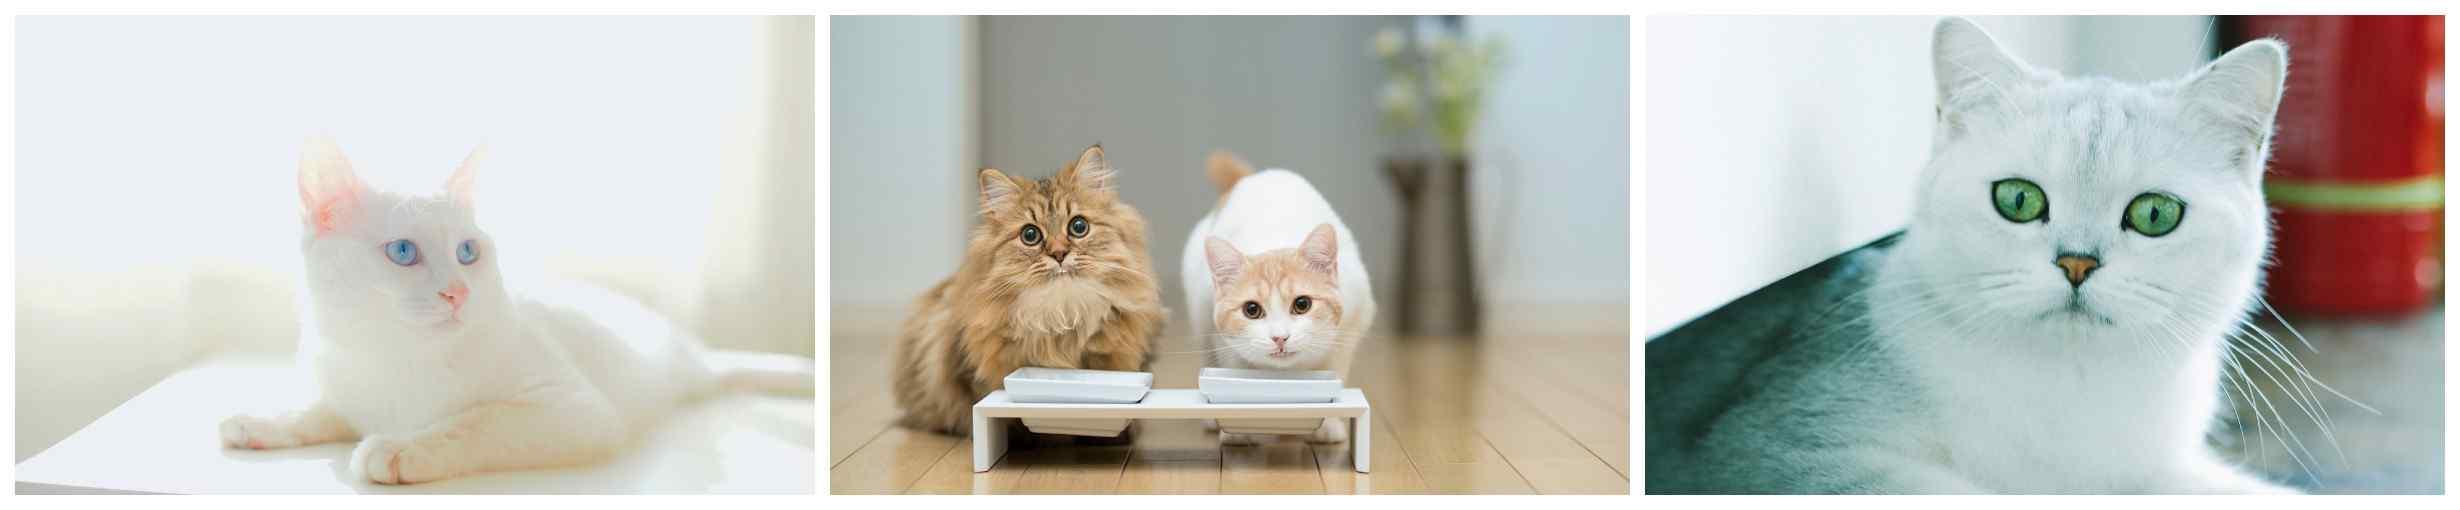 猫咪桌面壁纸_猫咪高清桌面壁纸_萌宠壁纸_动物壁纸